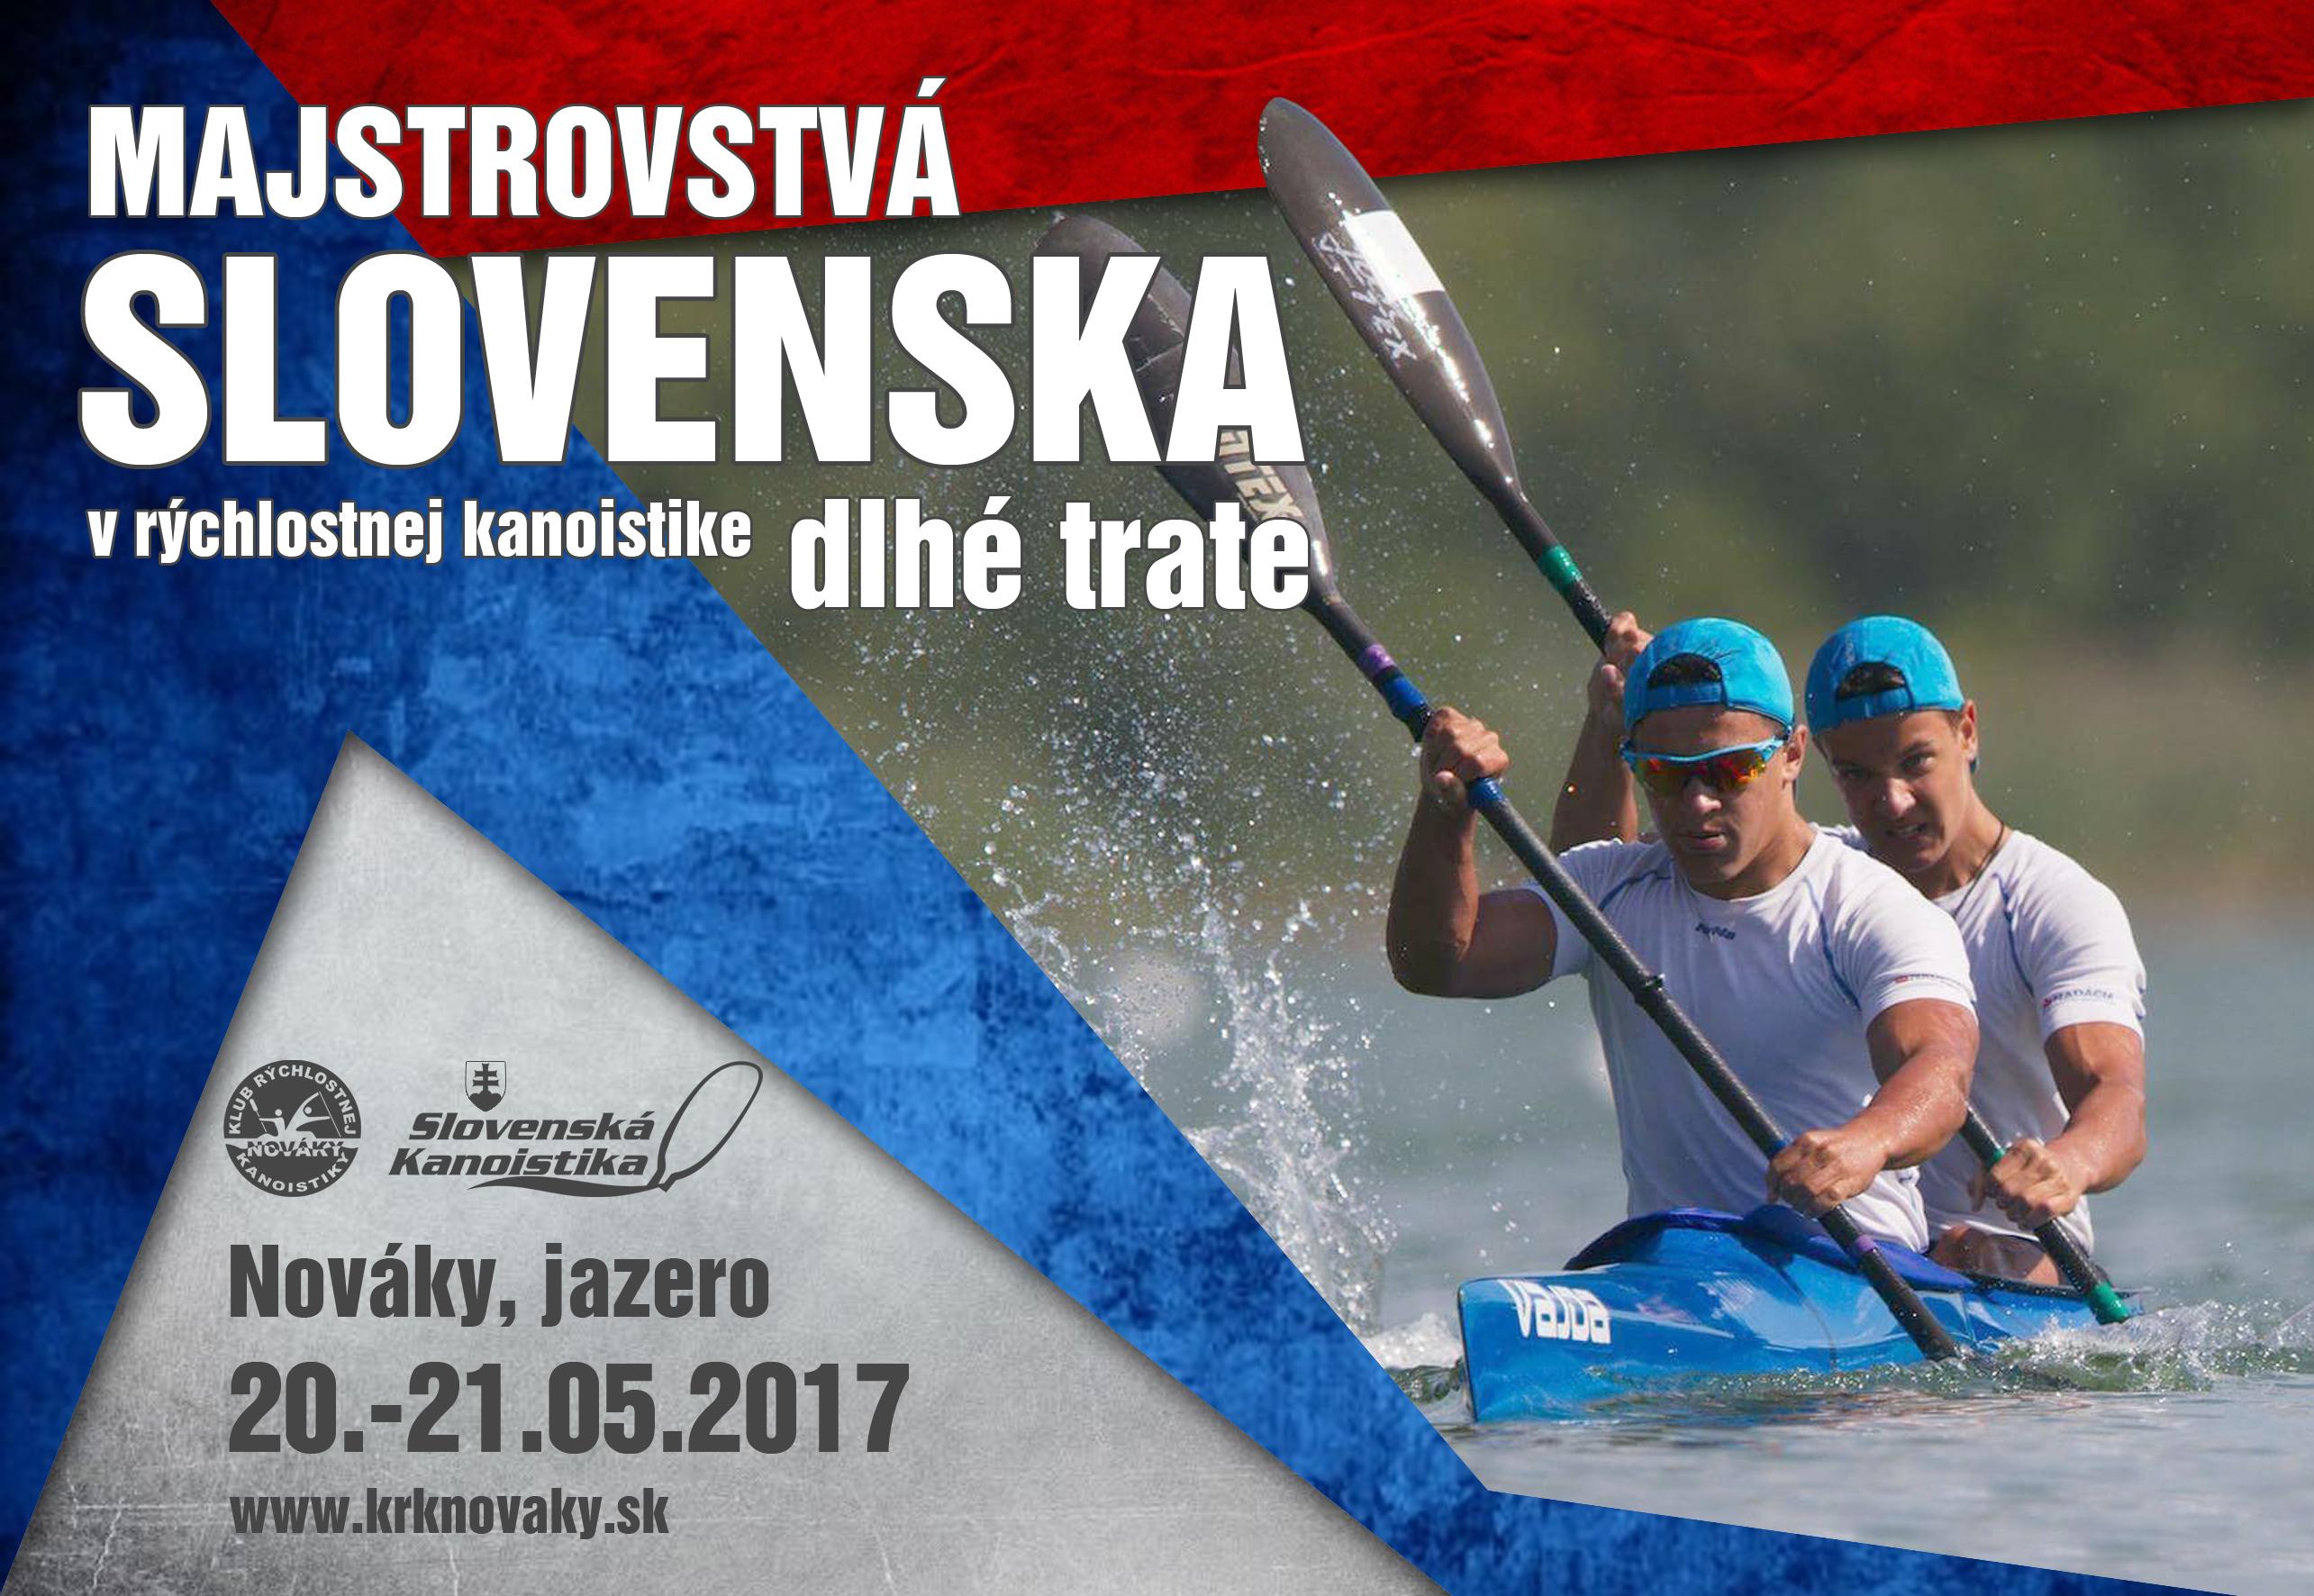 Majstrovstvá Slovenska - dlhé trate 2017 - plagát